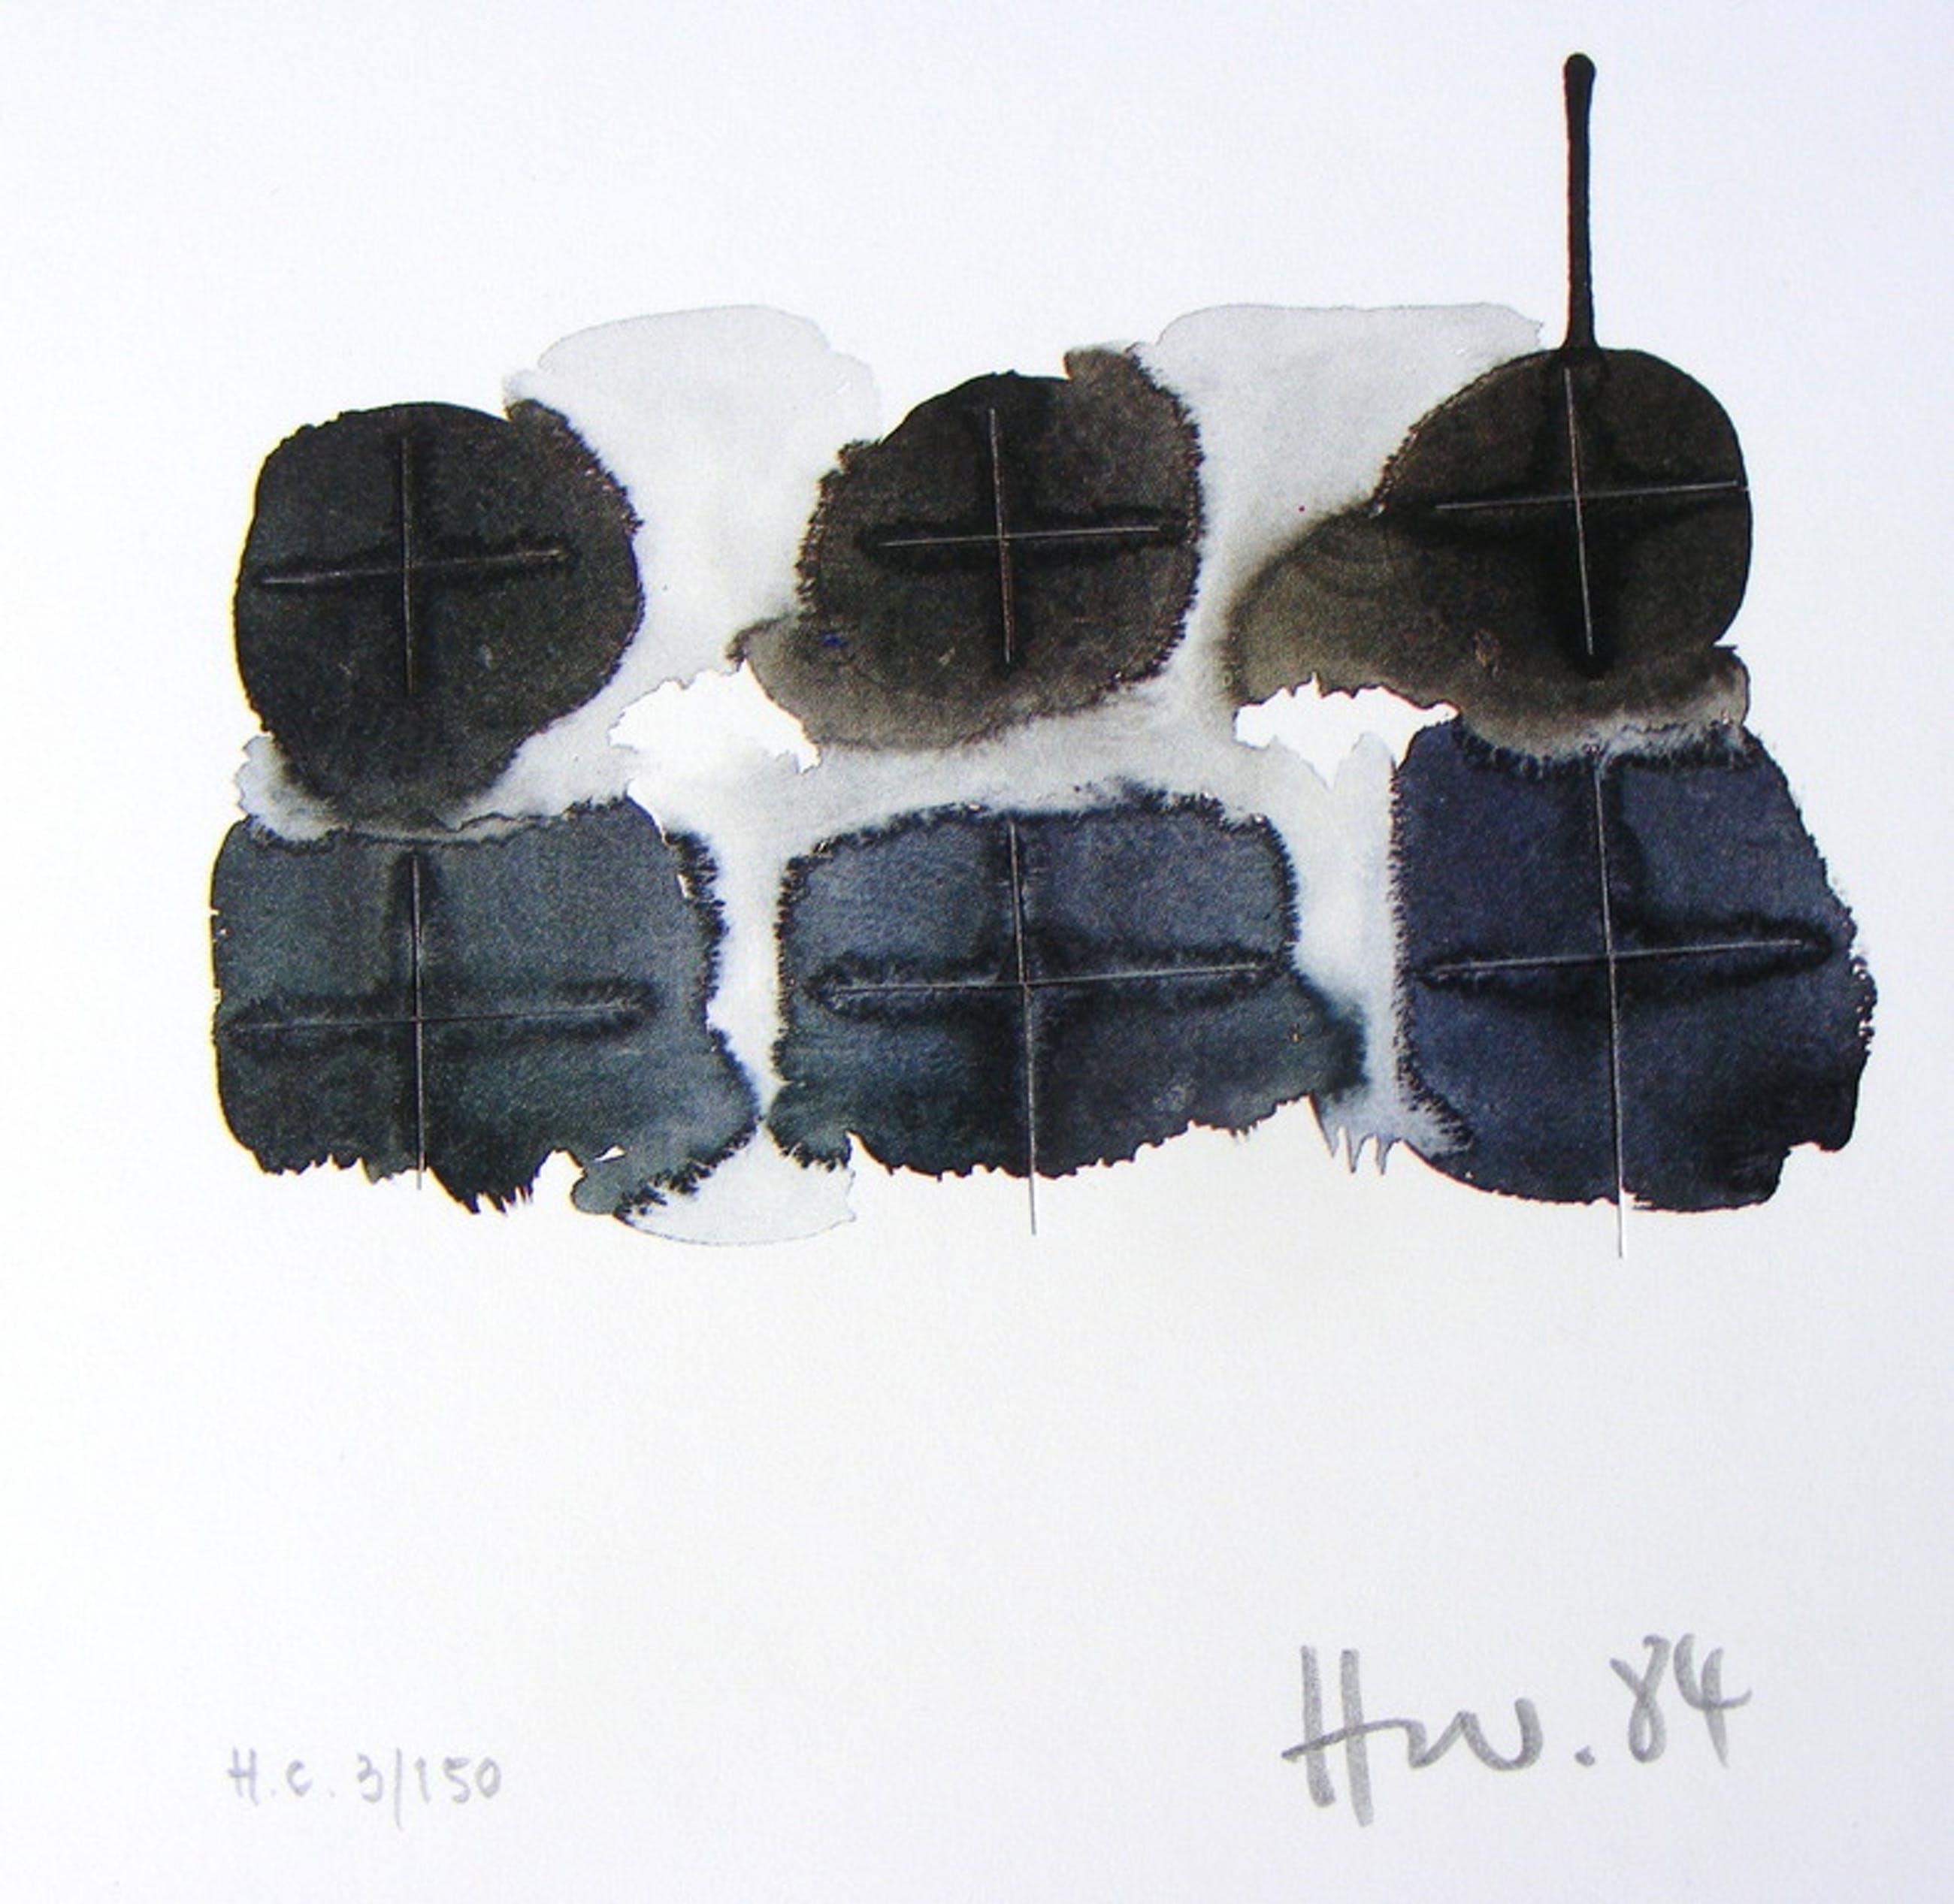 Wolfgang Heuwinkel, set van drie 3-D grafieken, handgesigneerd, 1984 kopen? Bied vanaf 45!